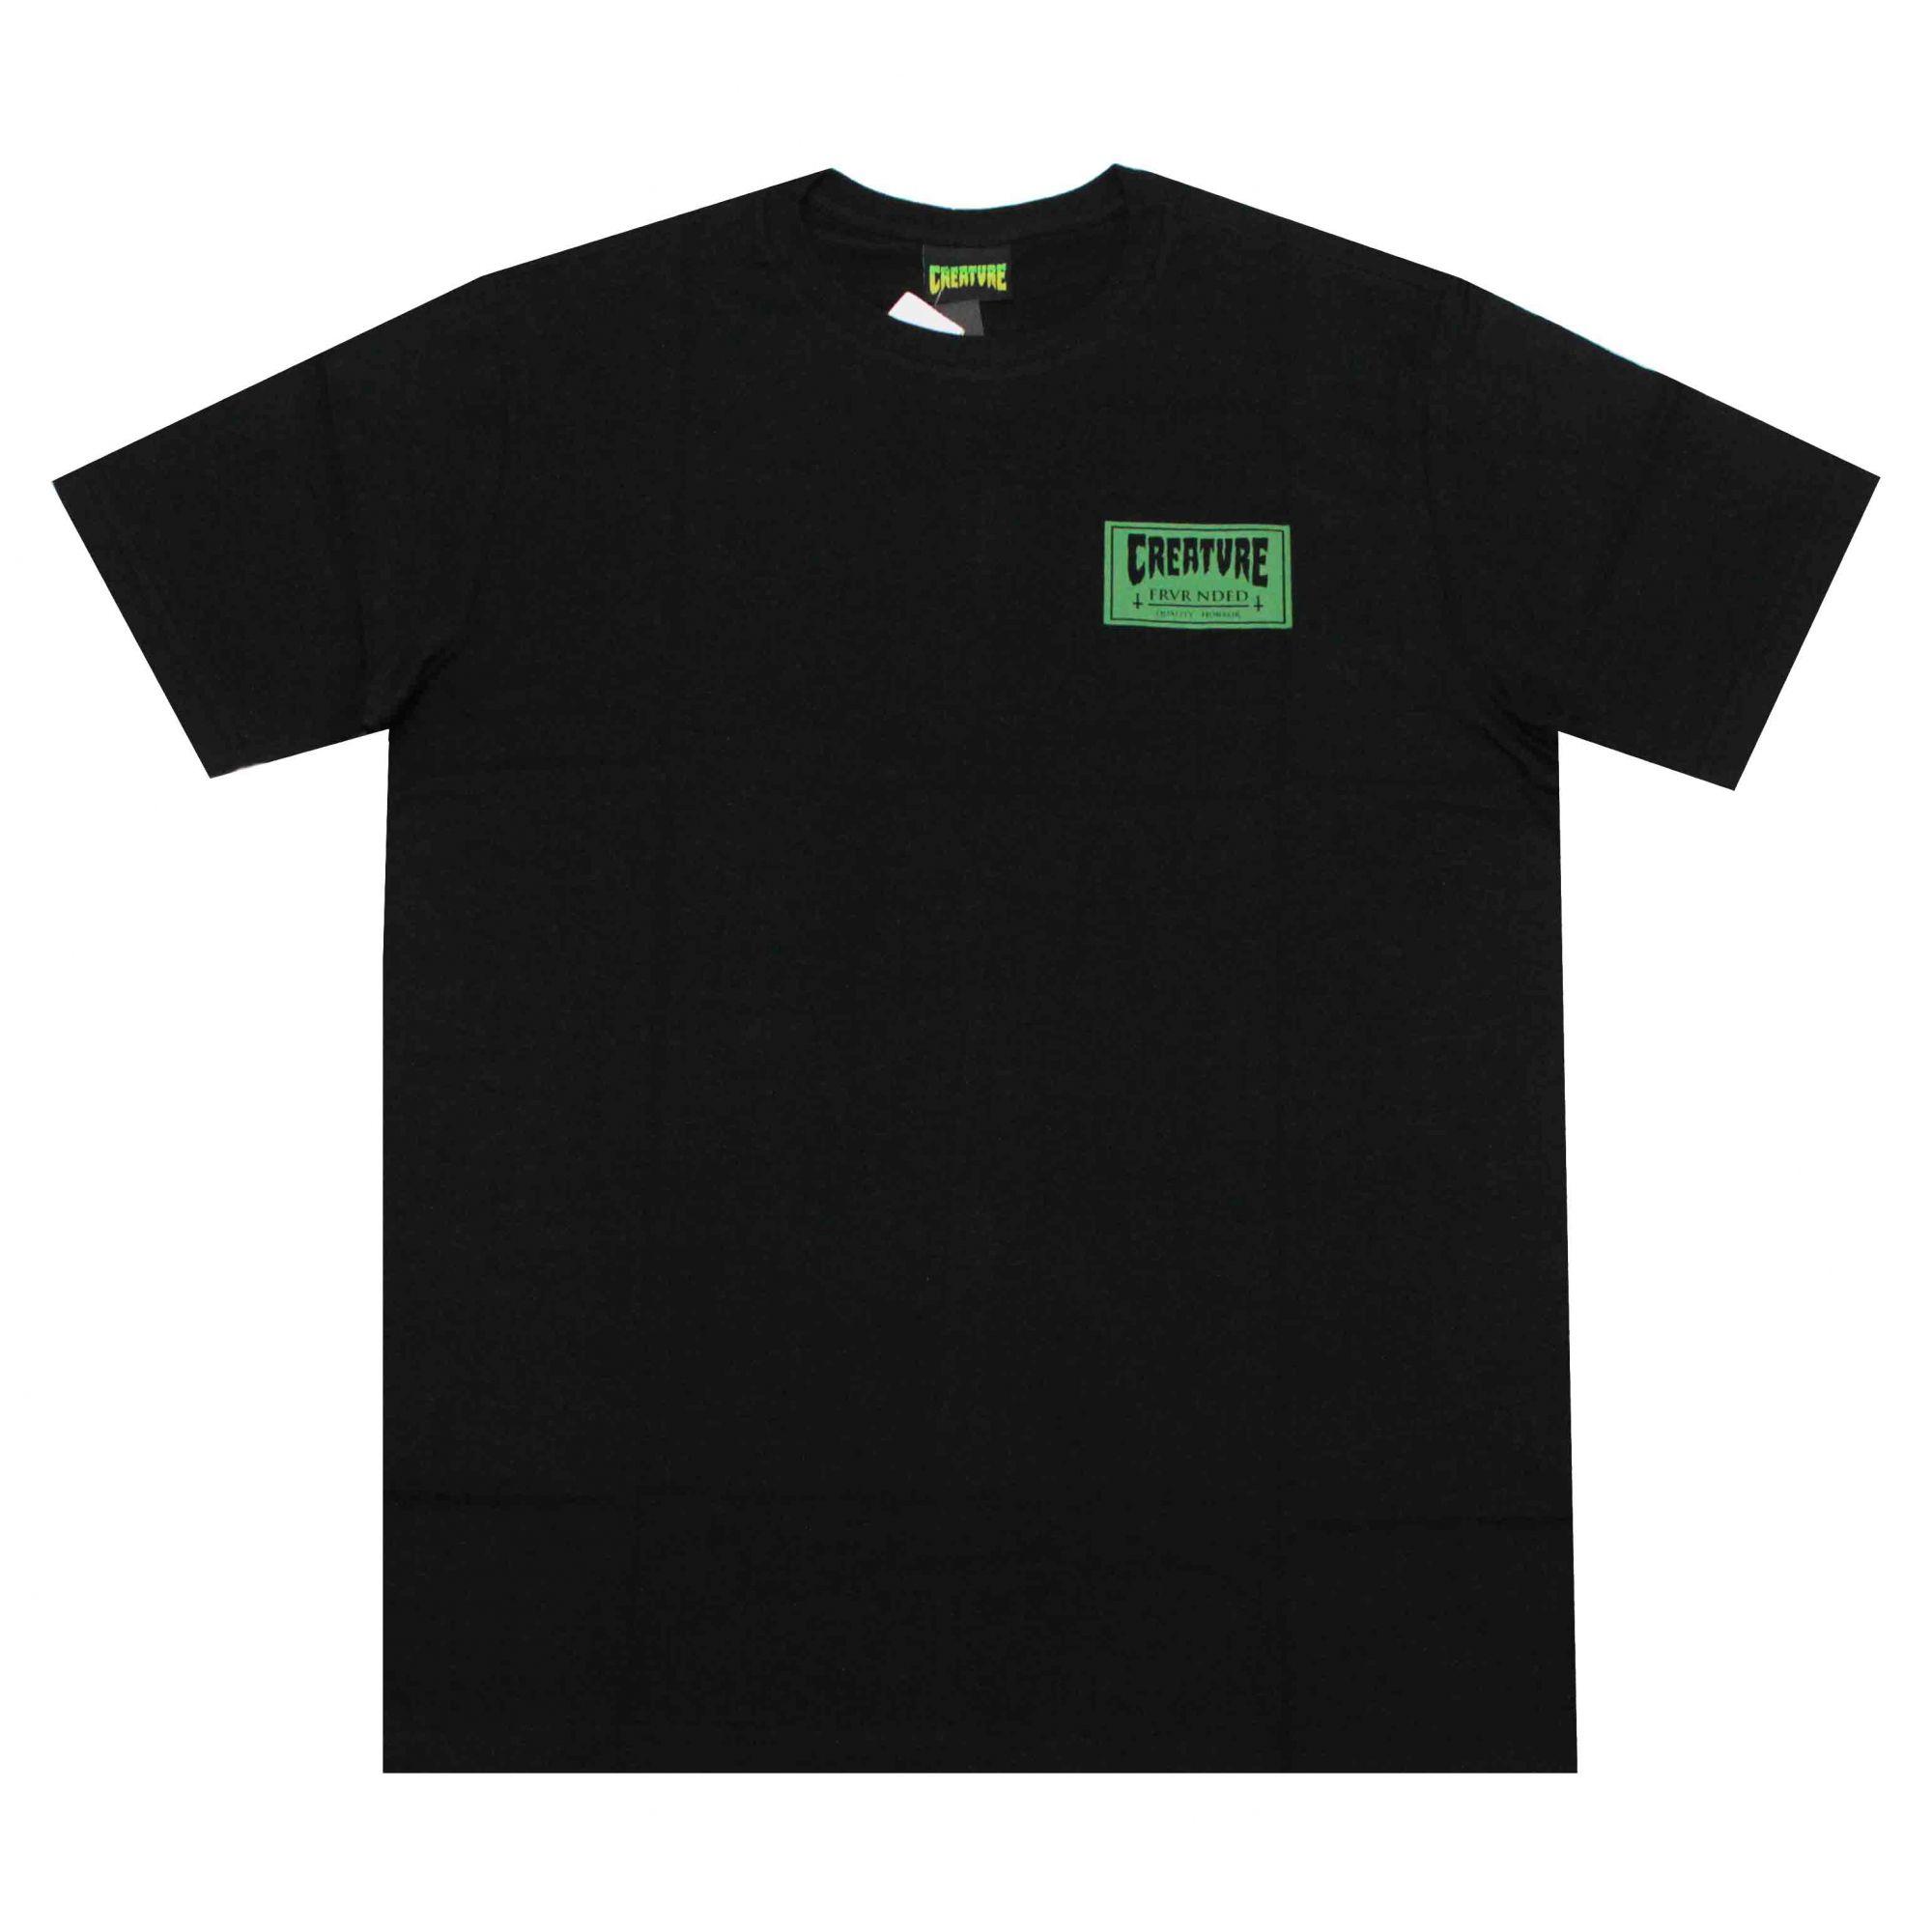 Camiseta Creature FRV Black